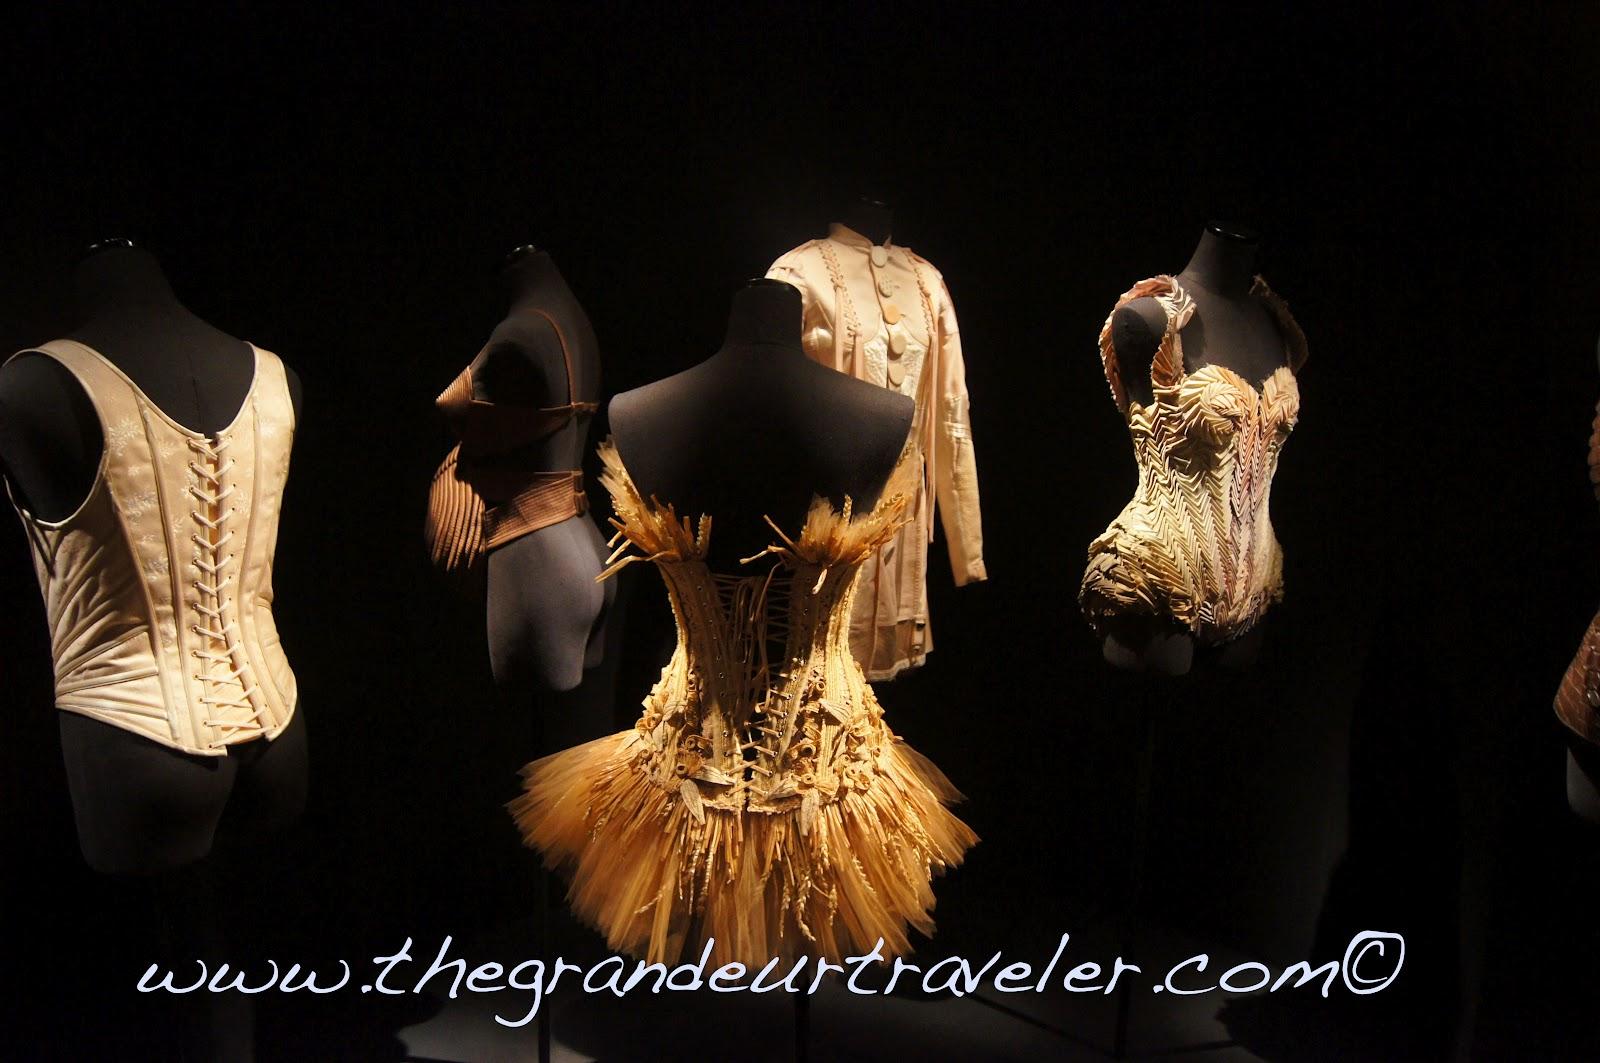 http://3.bp.blogspot.com/-NKkUixWrAJ0/T3QFAus83bI/AAAAAAAAMtU/qokqs0kZA2g/s1600/DSC04627.jpg